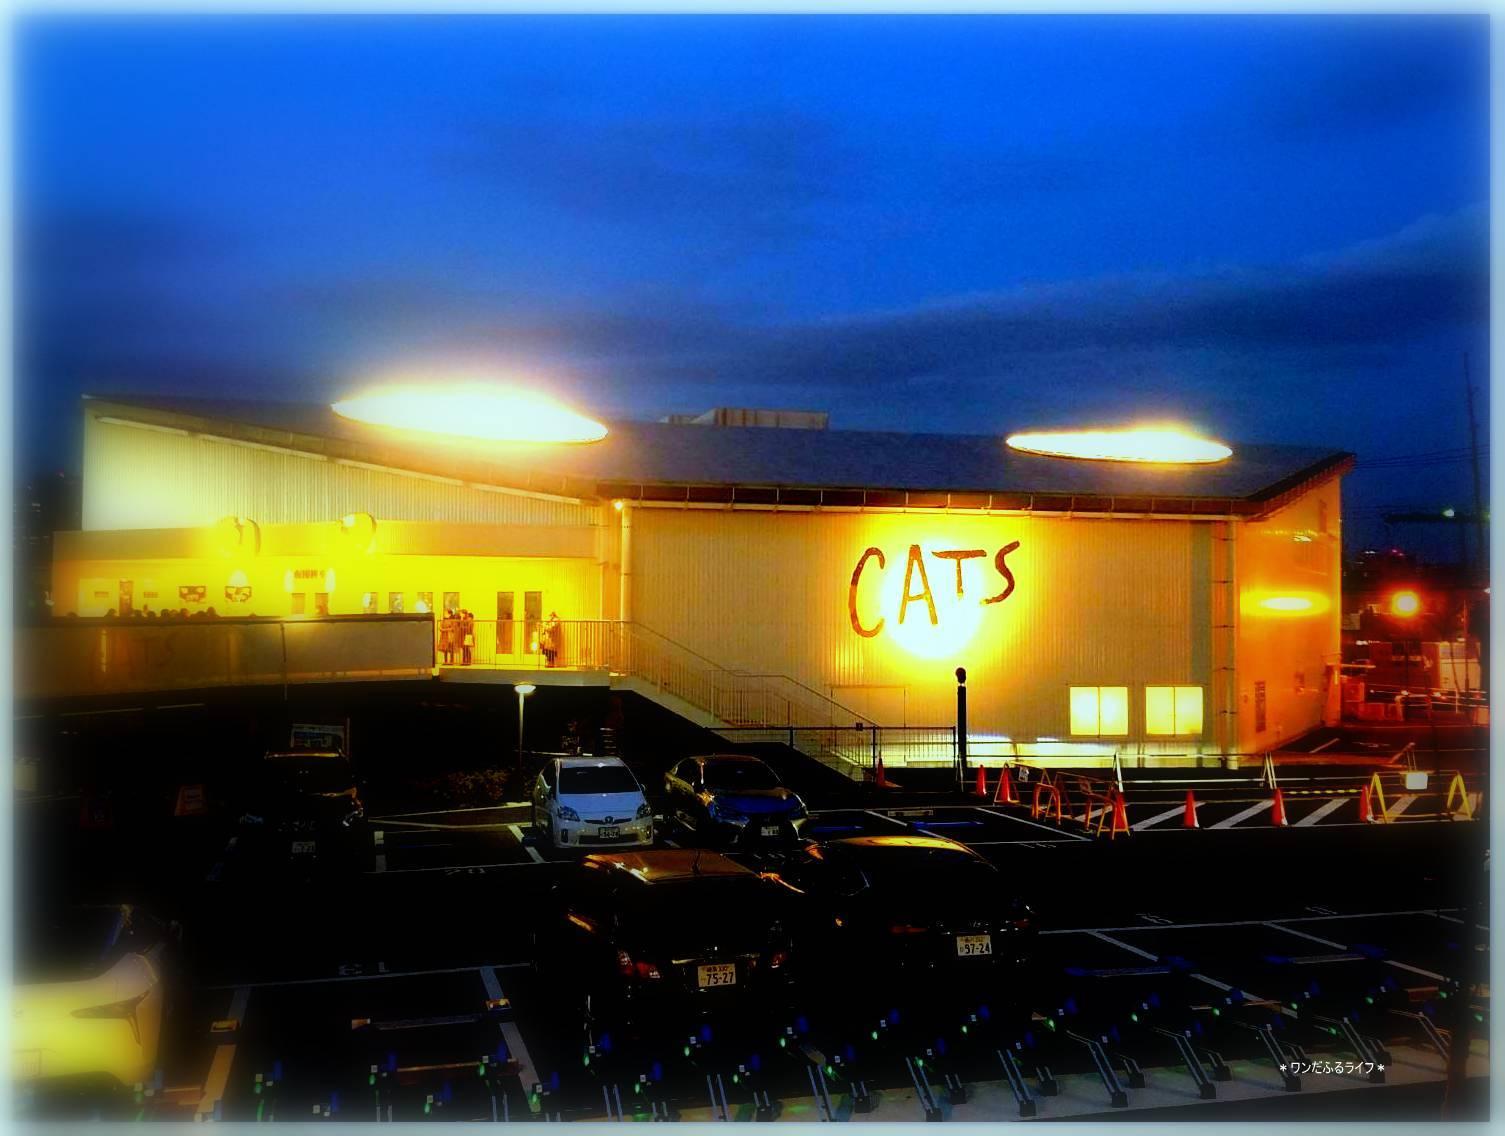 DOGSではなく『CATS』_d0317115_14274268.jpg